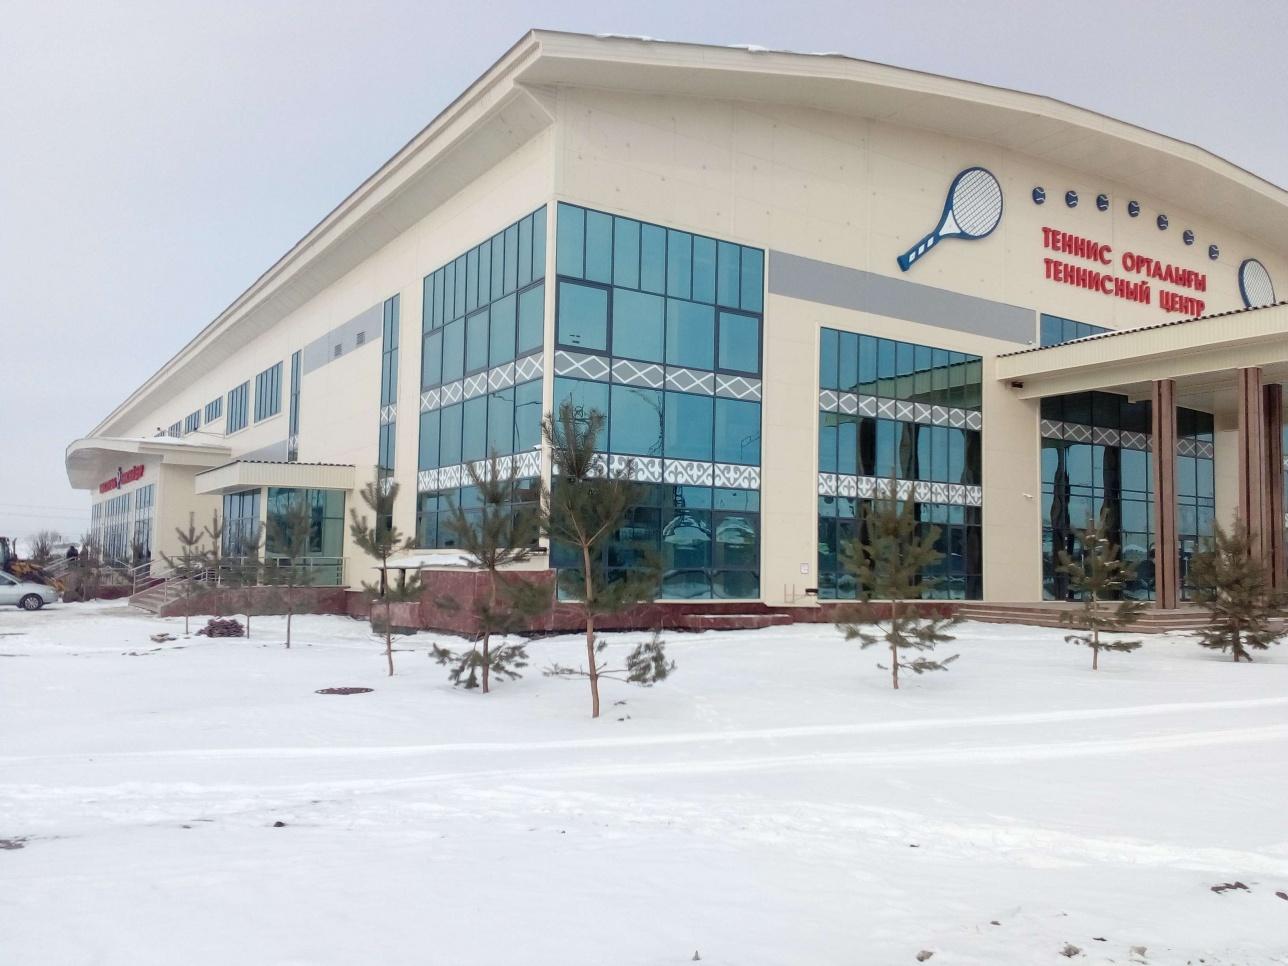 Современный теннисный центр в Петропавловске